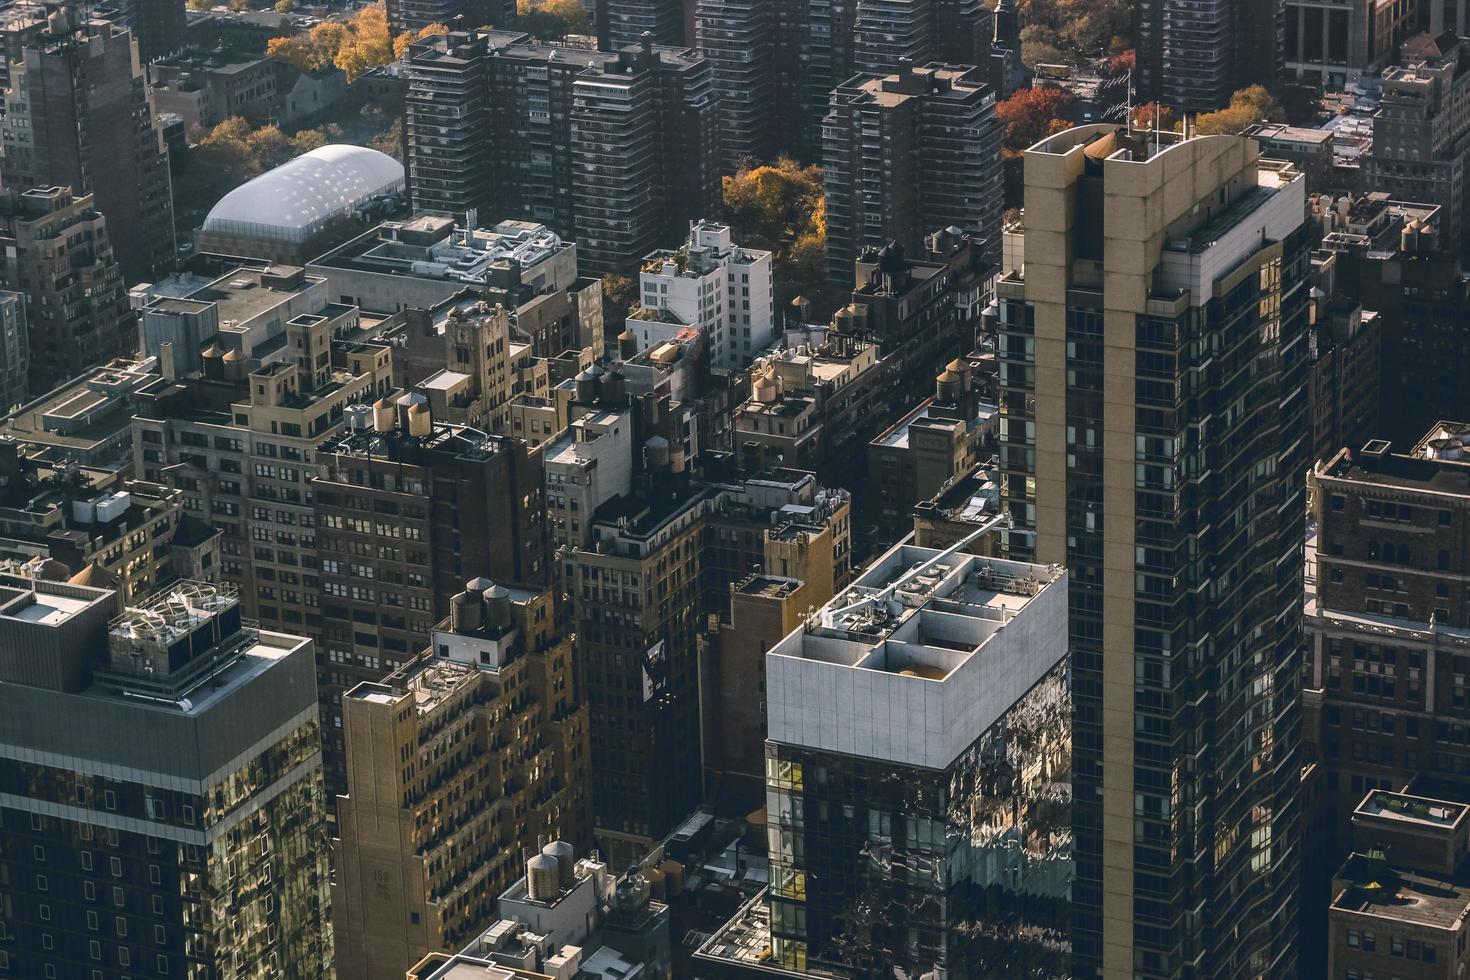 Stadt tagsüber foto